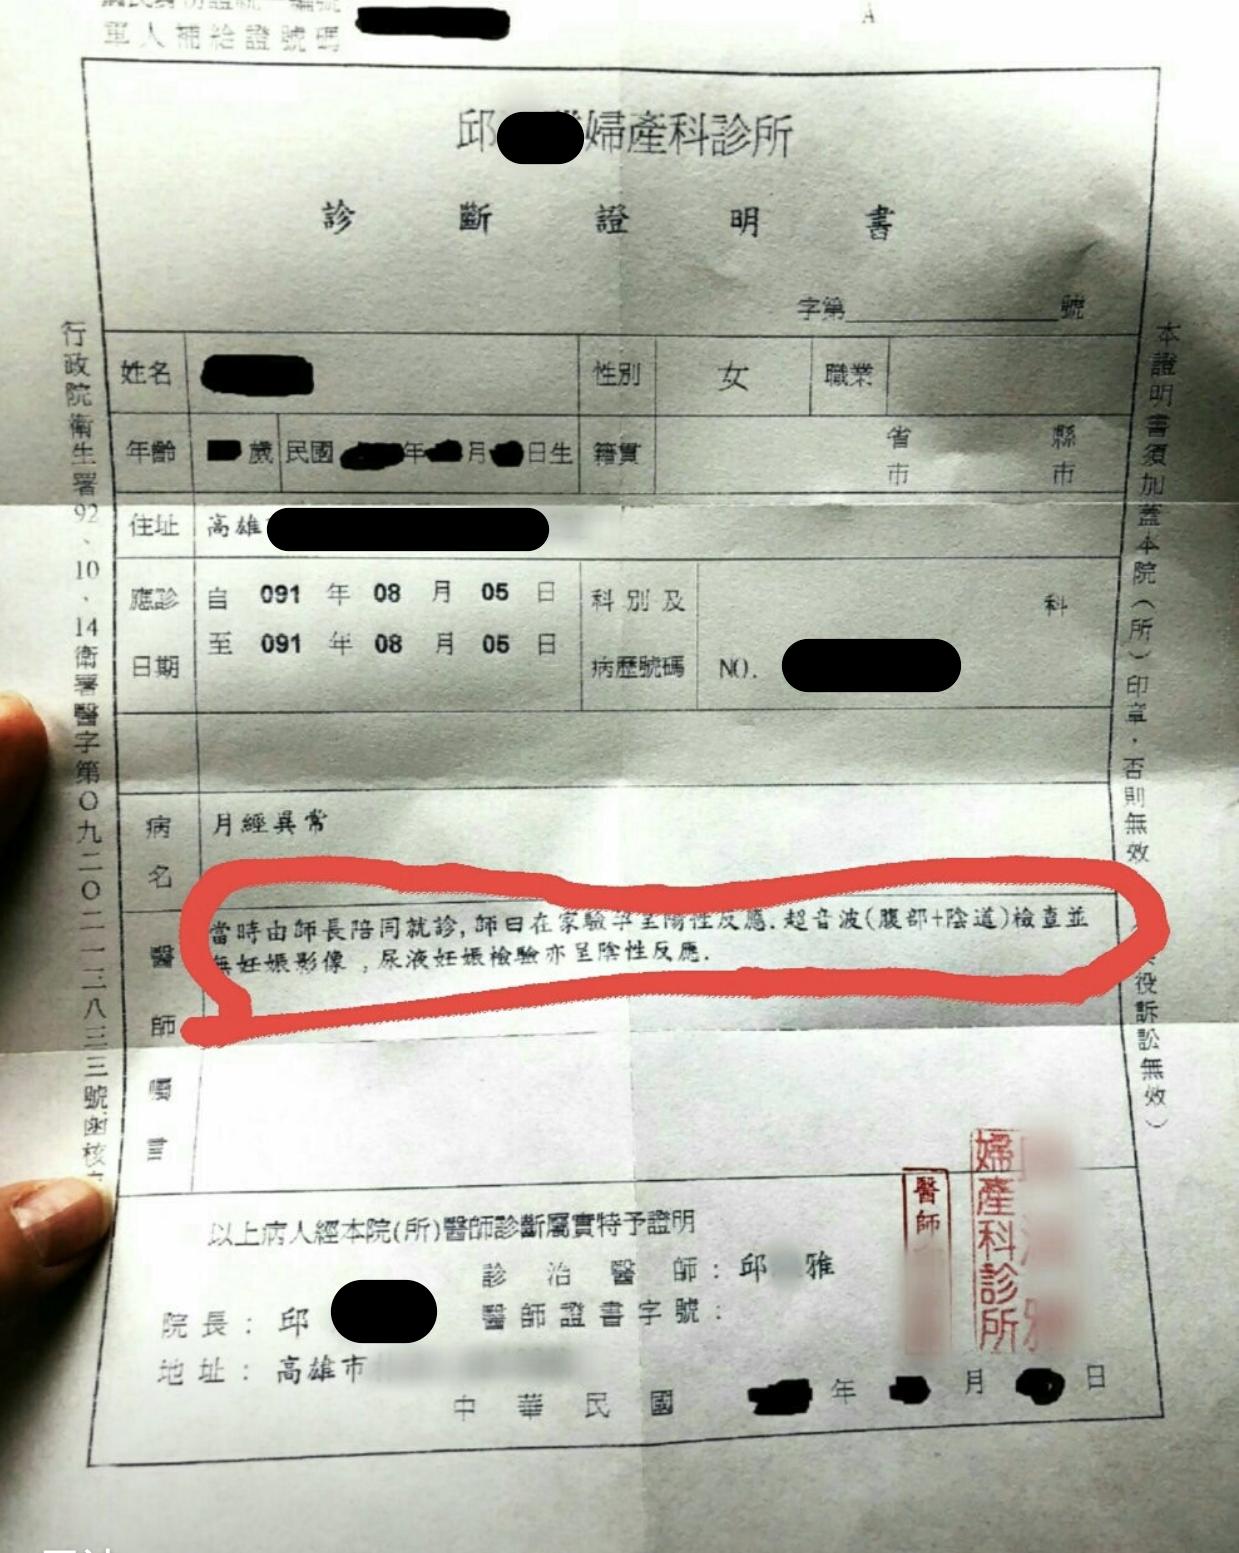 被害女學生曾在2002年因月經異常,由教練陪同到婦產科檢查,網路PO出診斷證明書。(取材自臉書「爆料公社」)